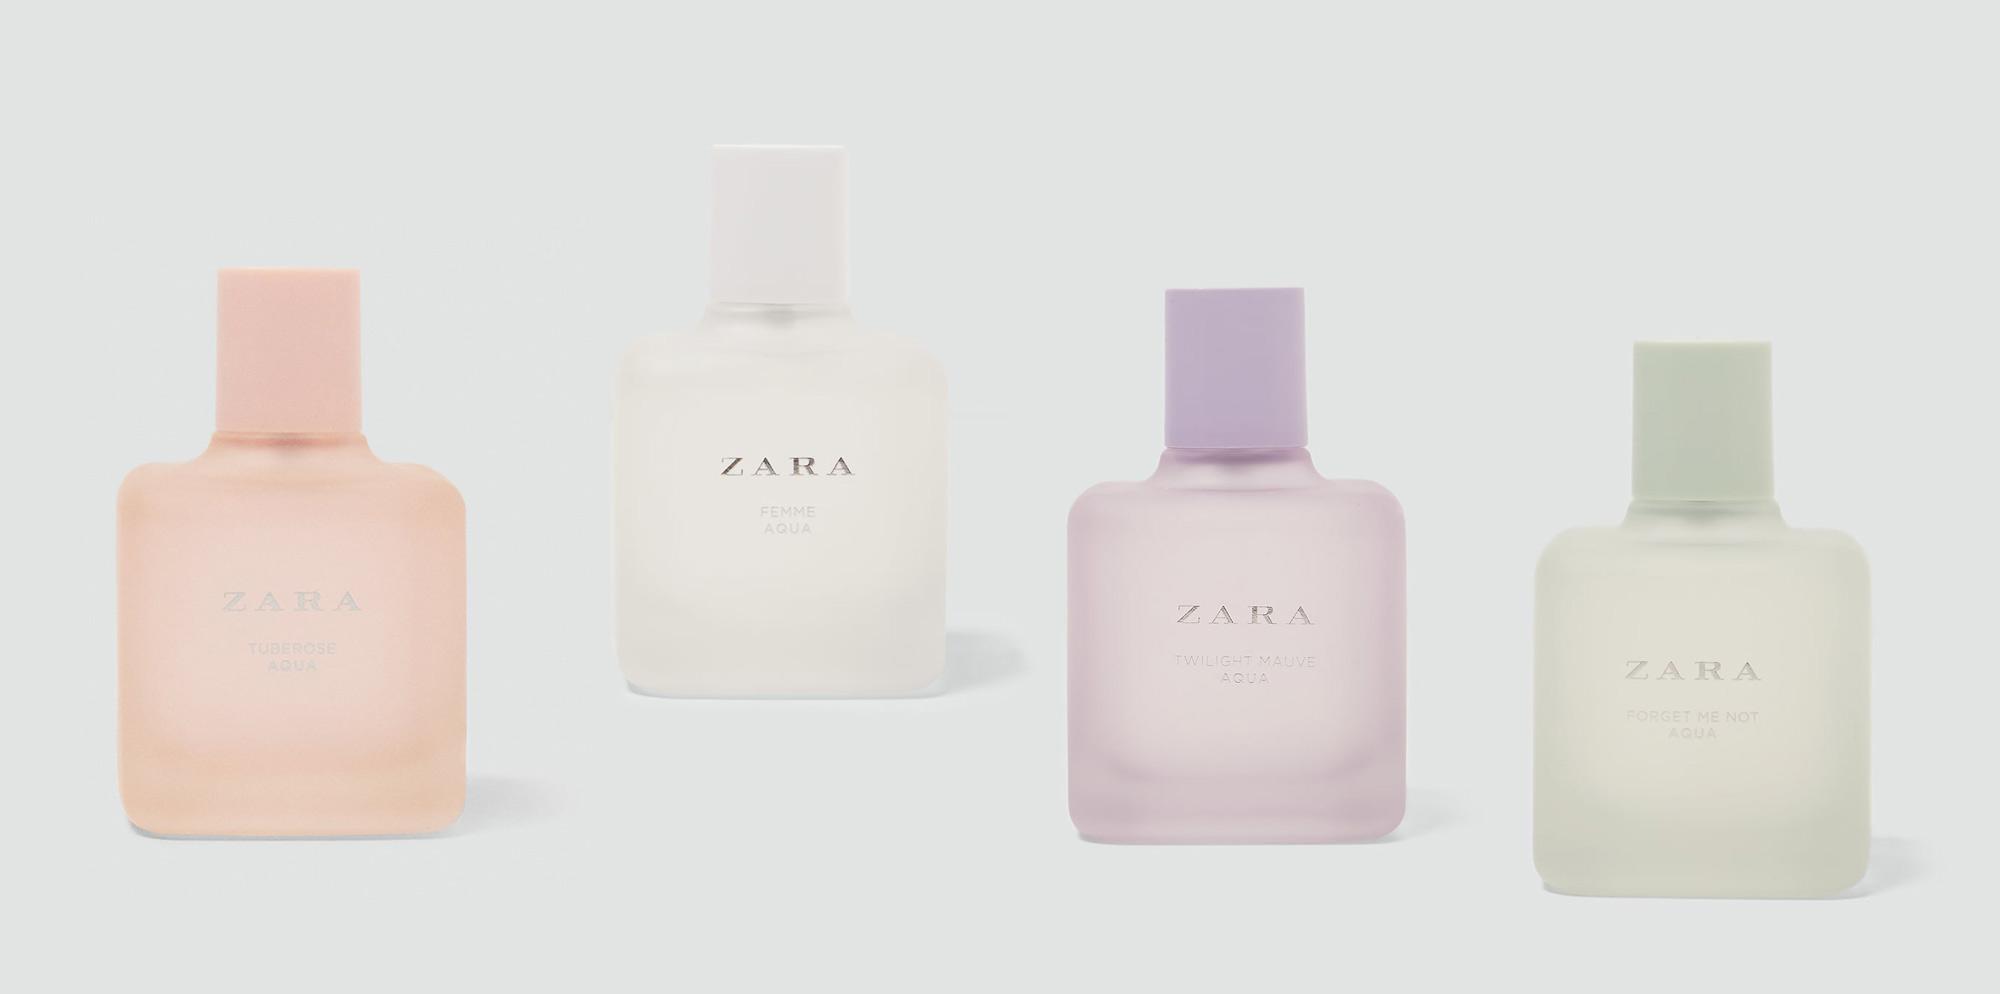 Zara Aqua Collection Spring 2018 New Fragrances